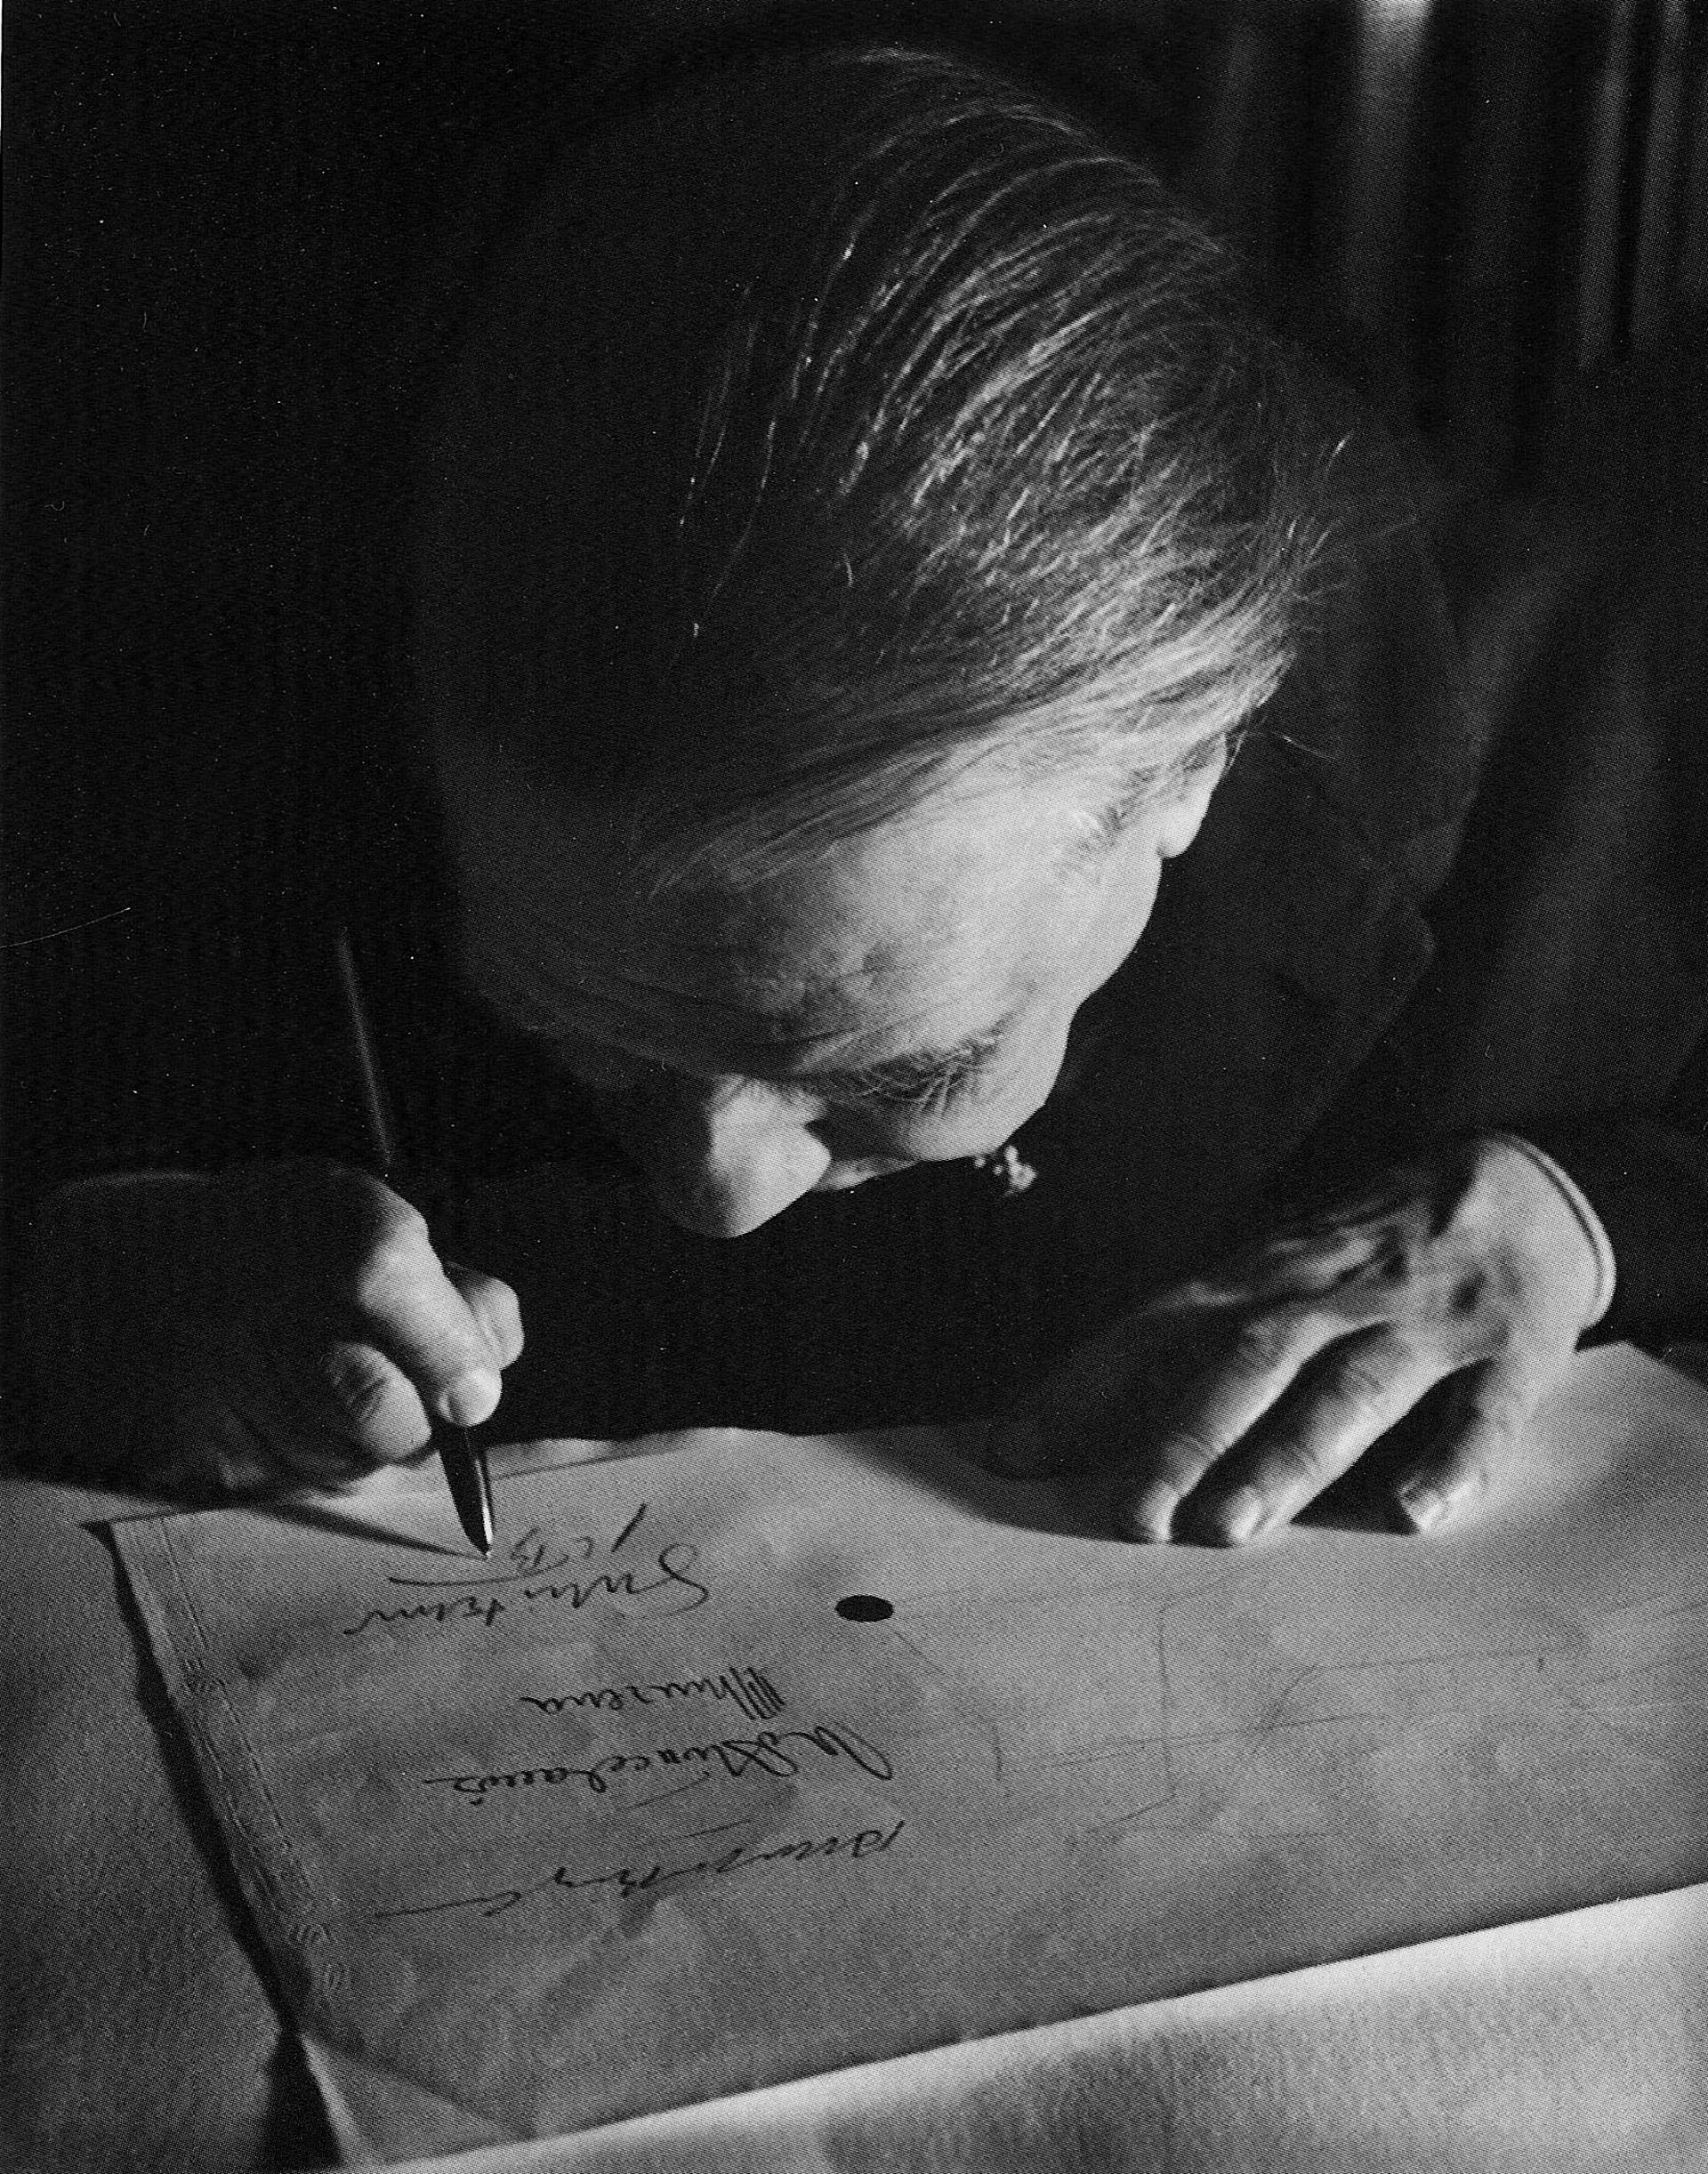 Un presunto prólogo de Borges causó revuelo en el mundillo literario centroamericano